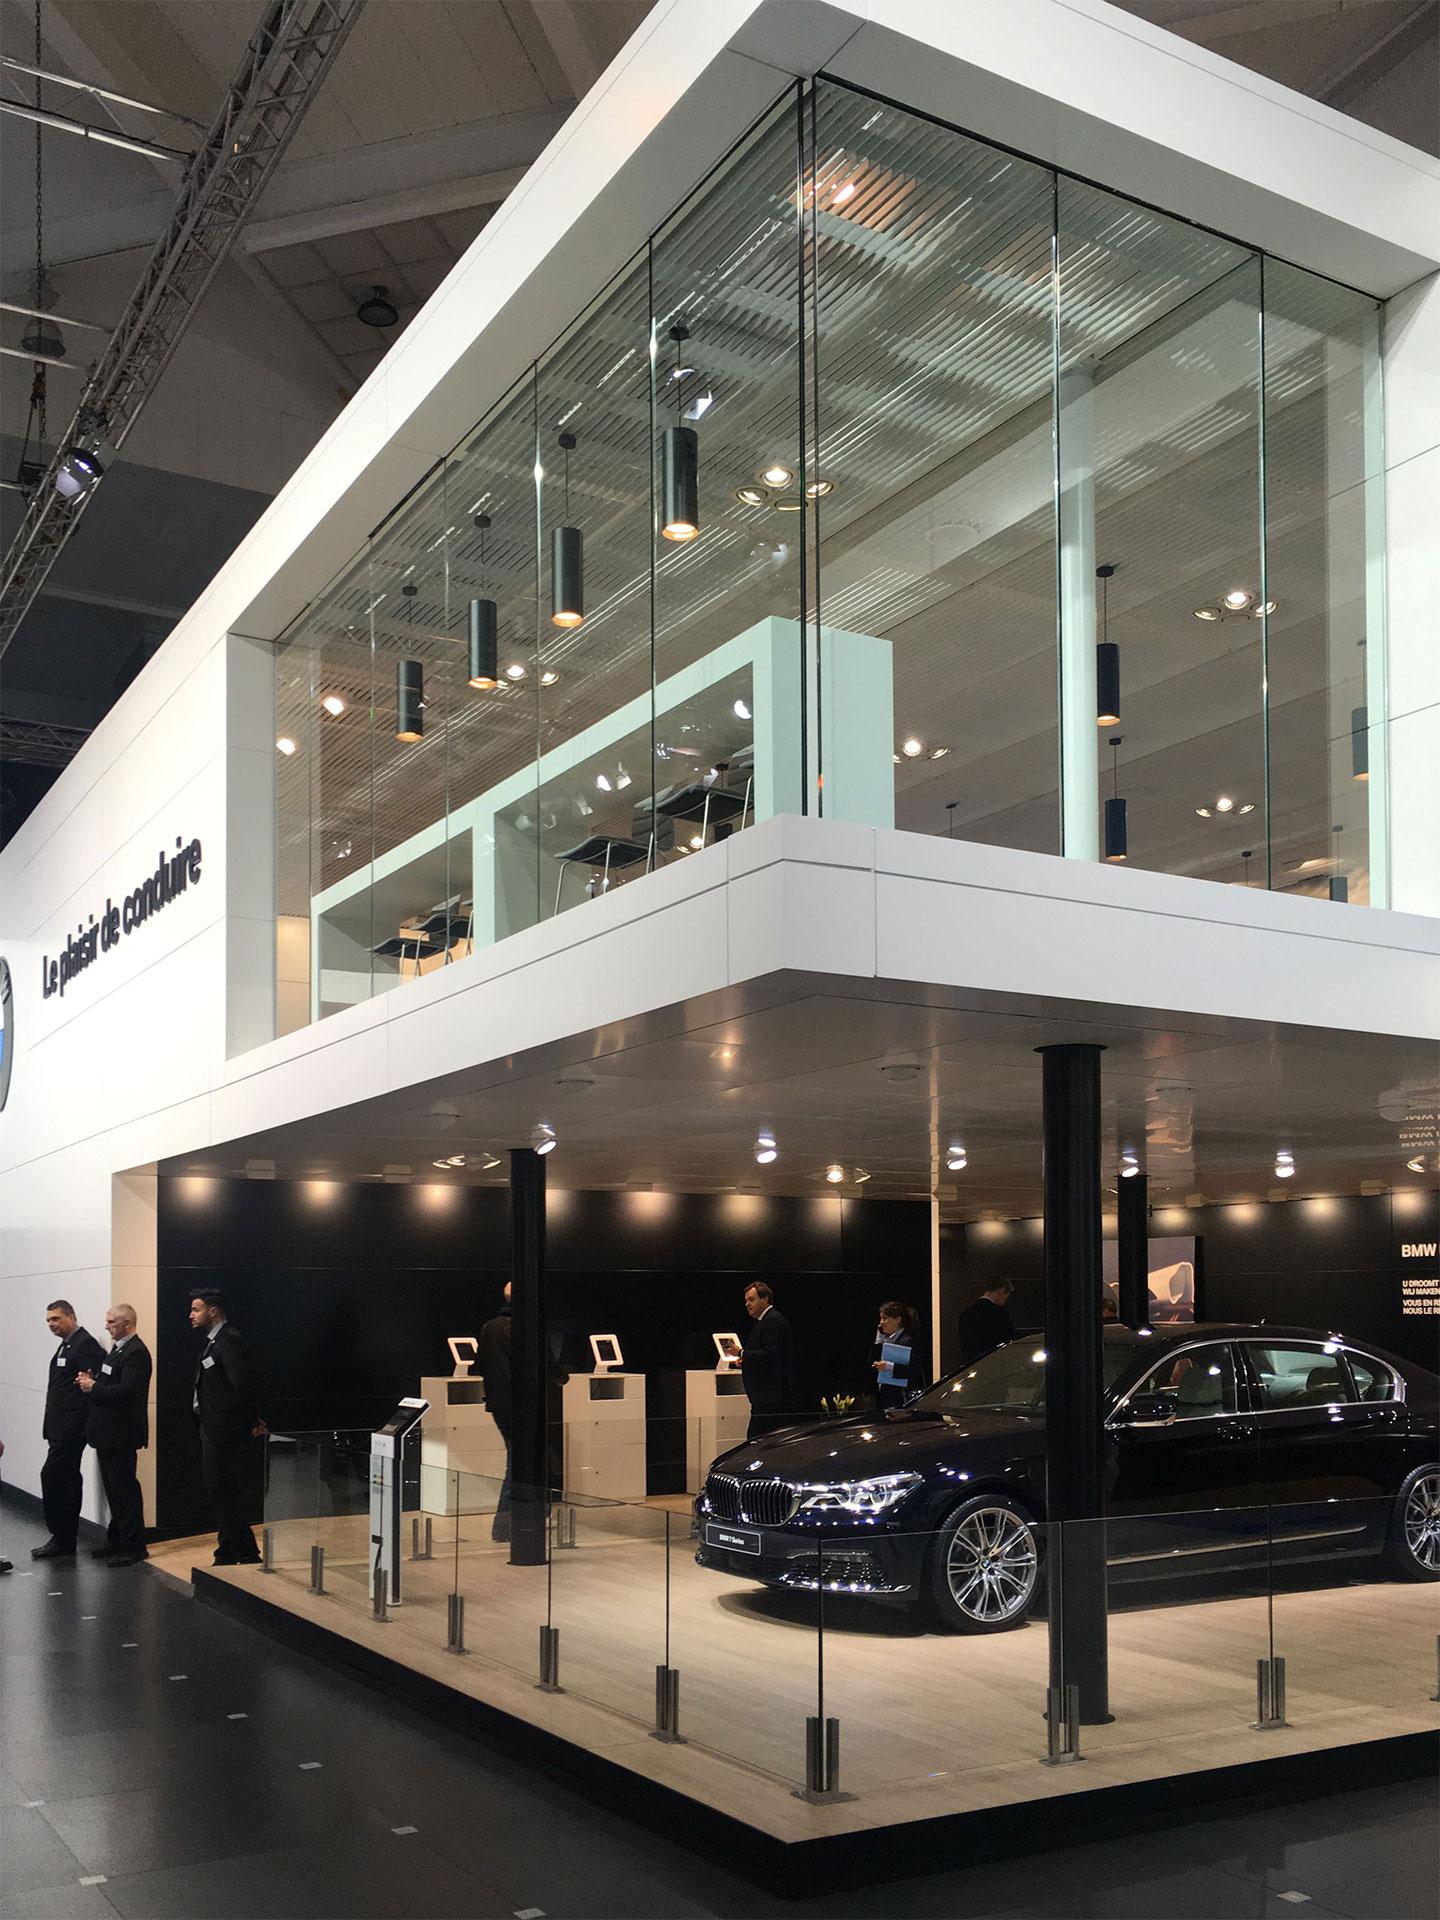 Ksv bmw 95e salon de l 39 automobile de bruxelles for Salon de bruxelles